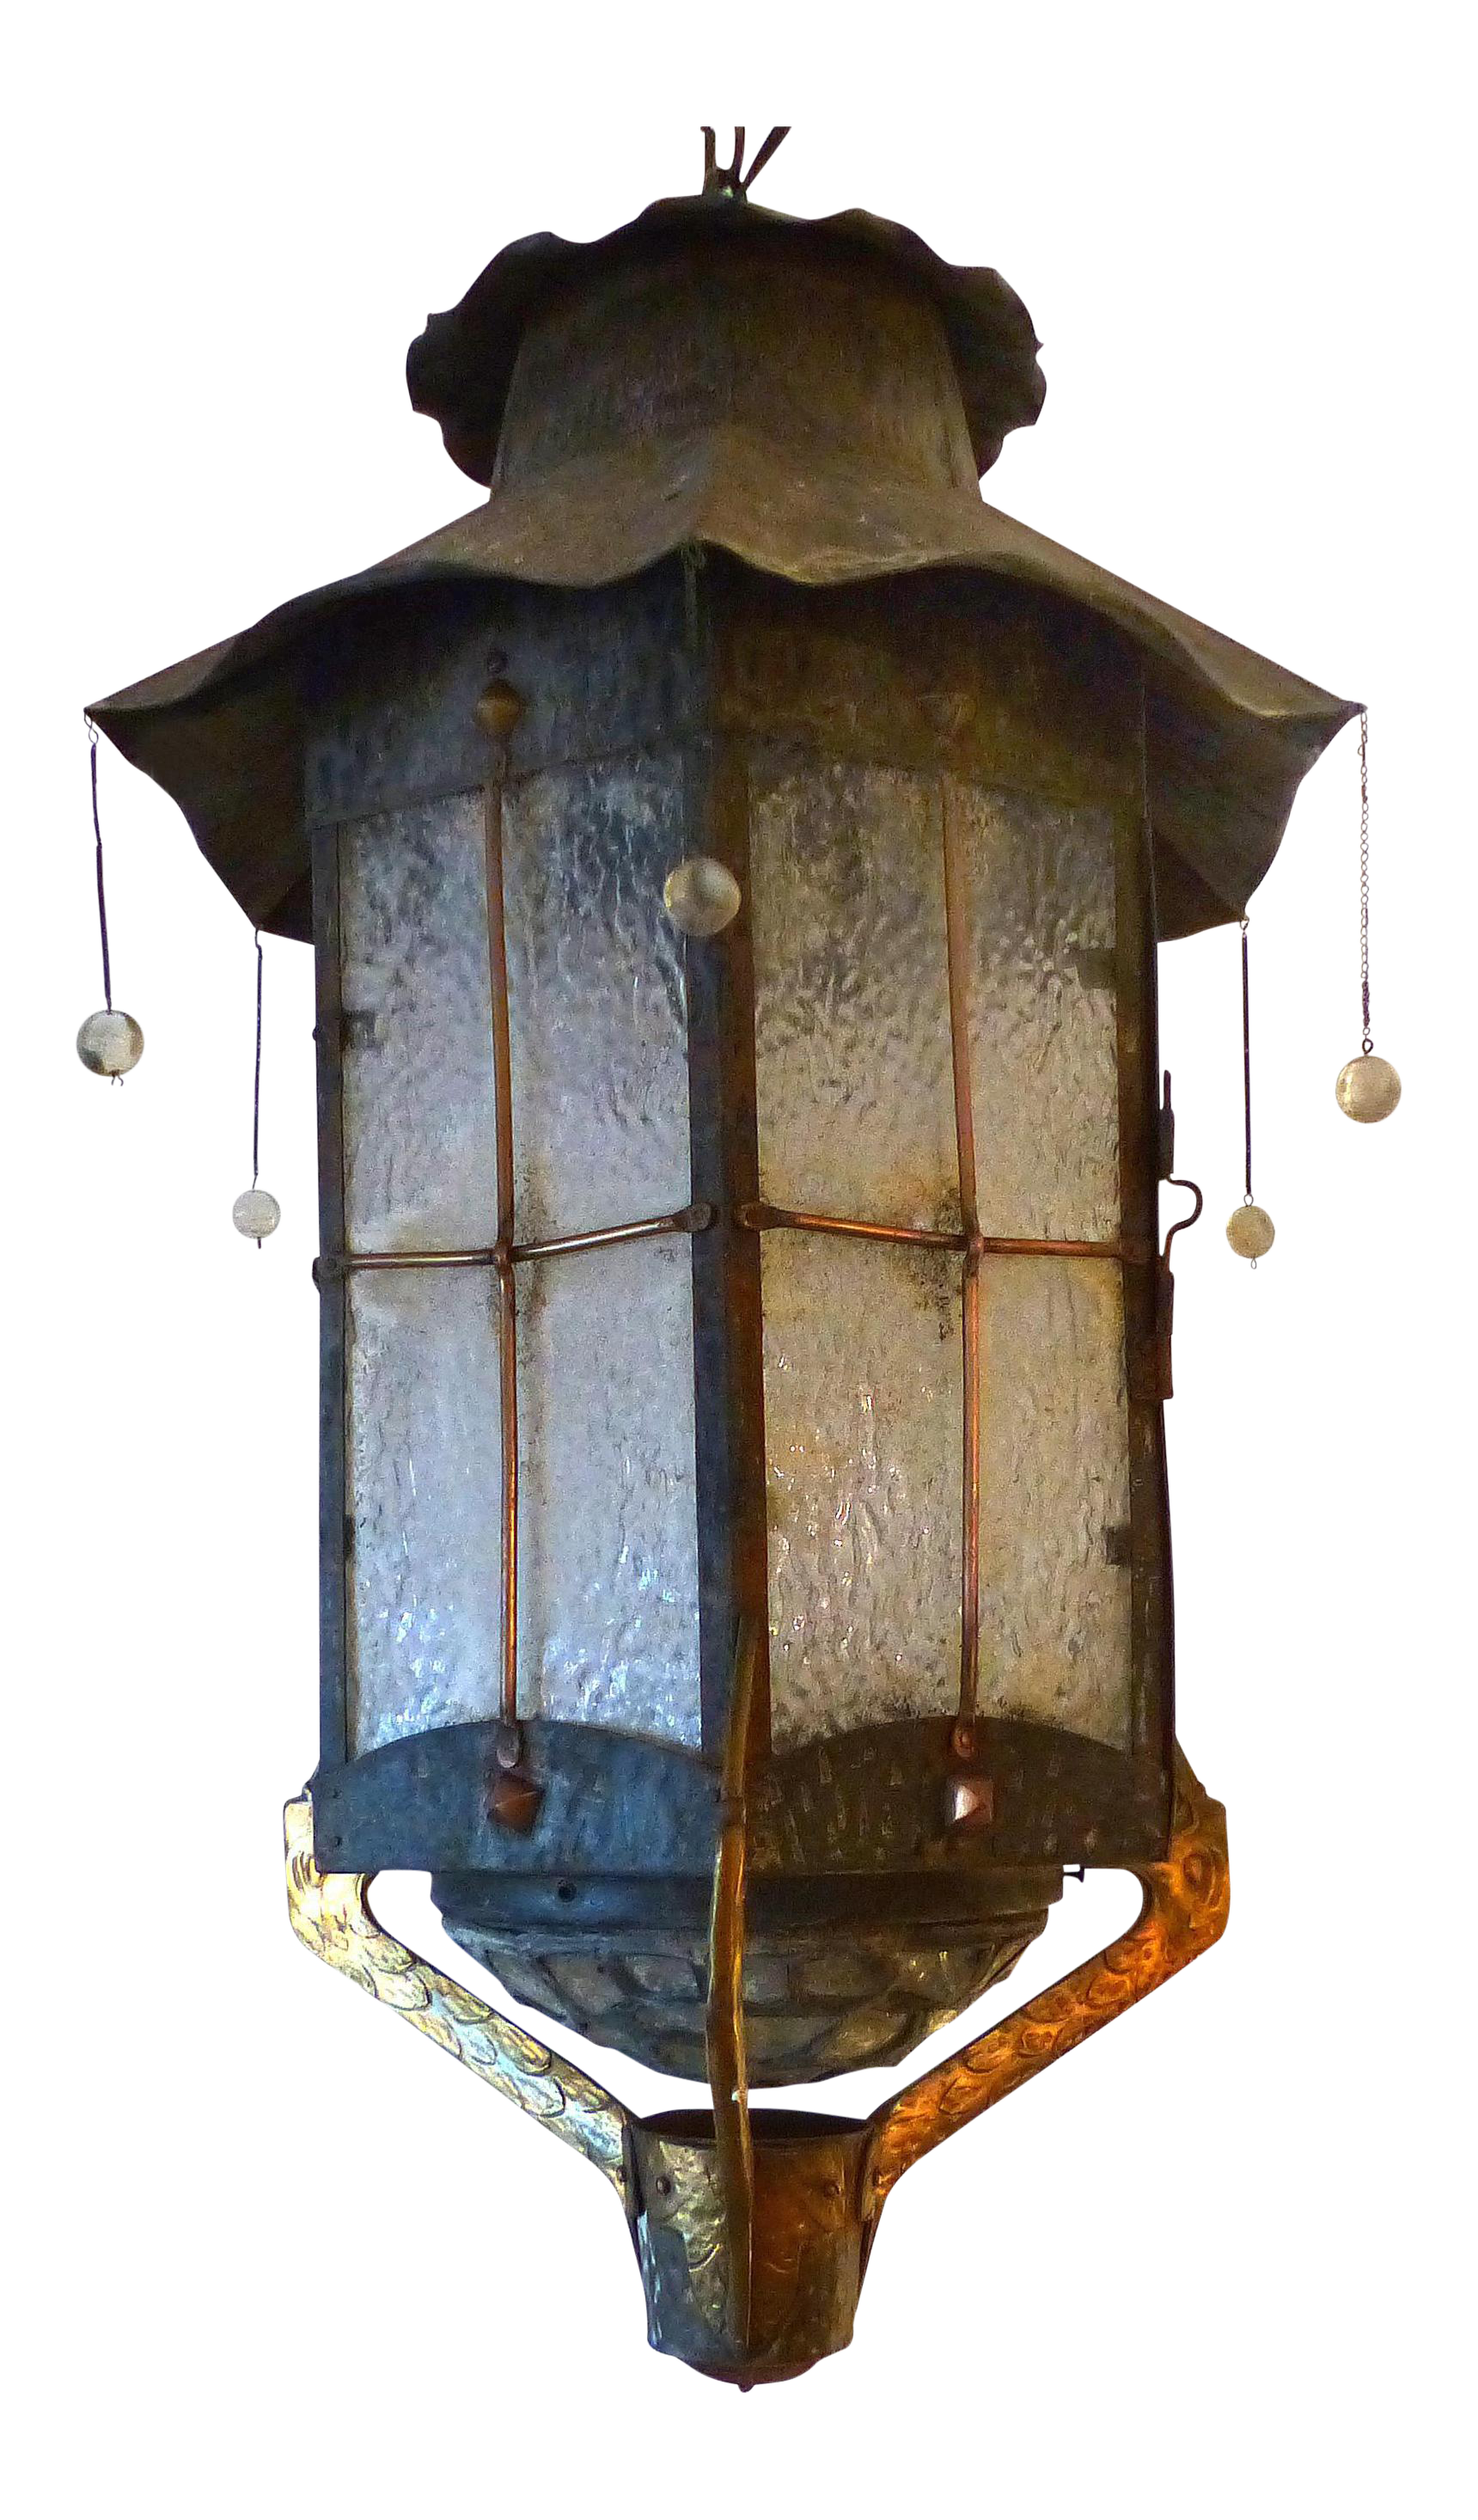 Vintage Japanese Motif Lantern With Cranes